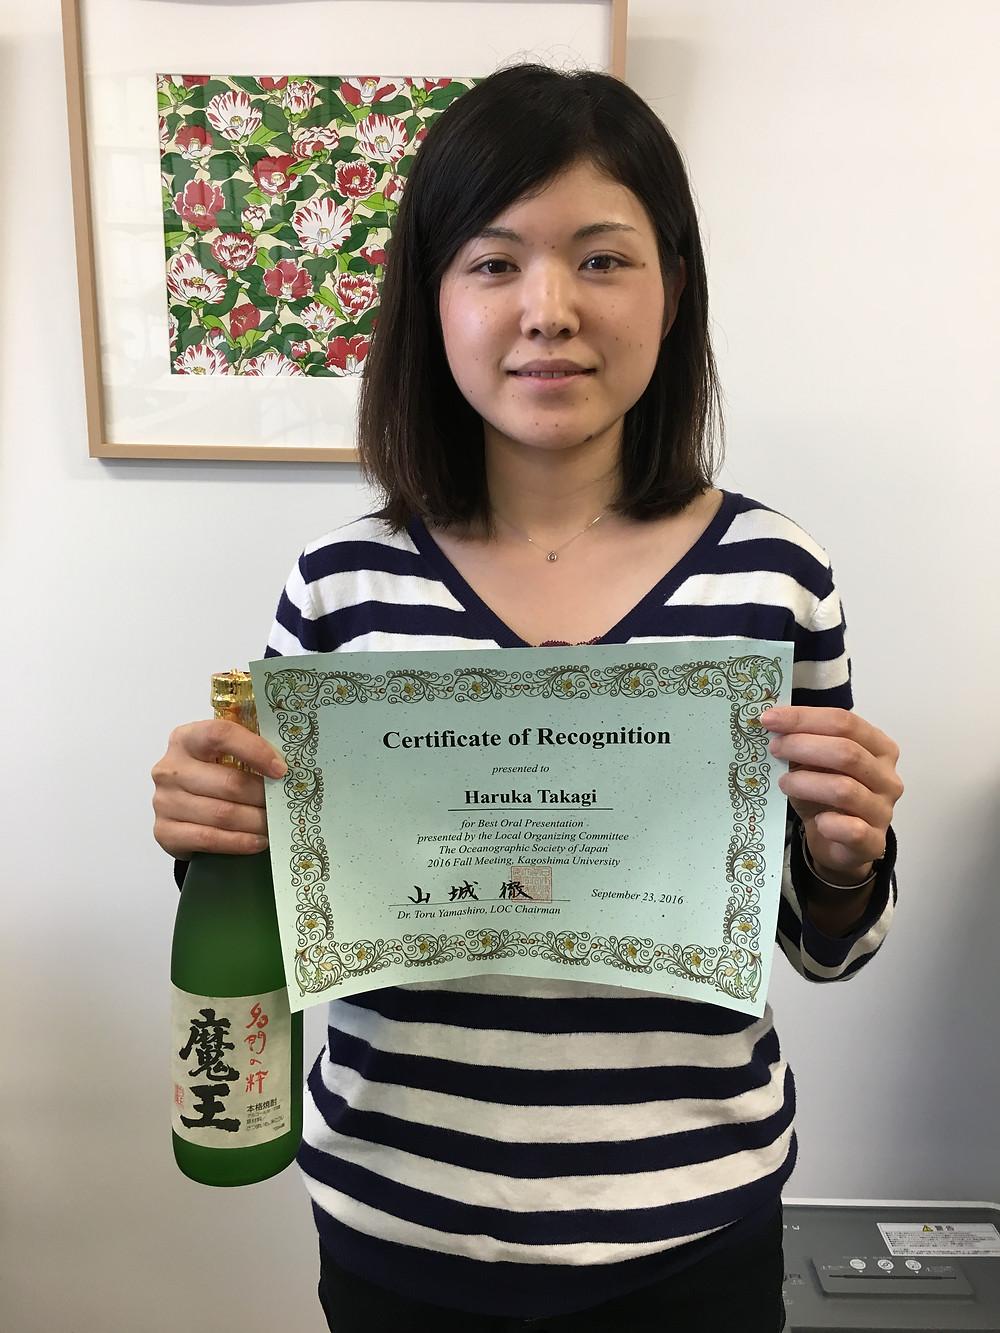 博士研究員の髙木悠花さんが、鹿児島で開催された日本海洋学会秋季大会においてベストプレゼンテーション賞を見事受賞しました。副賞は魔王!